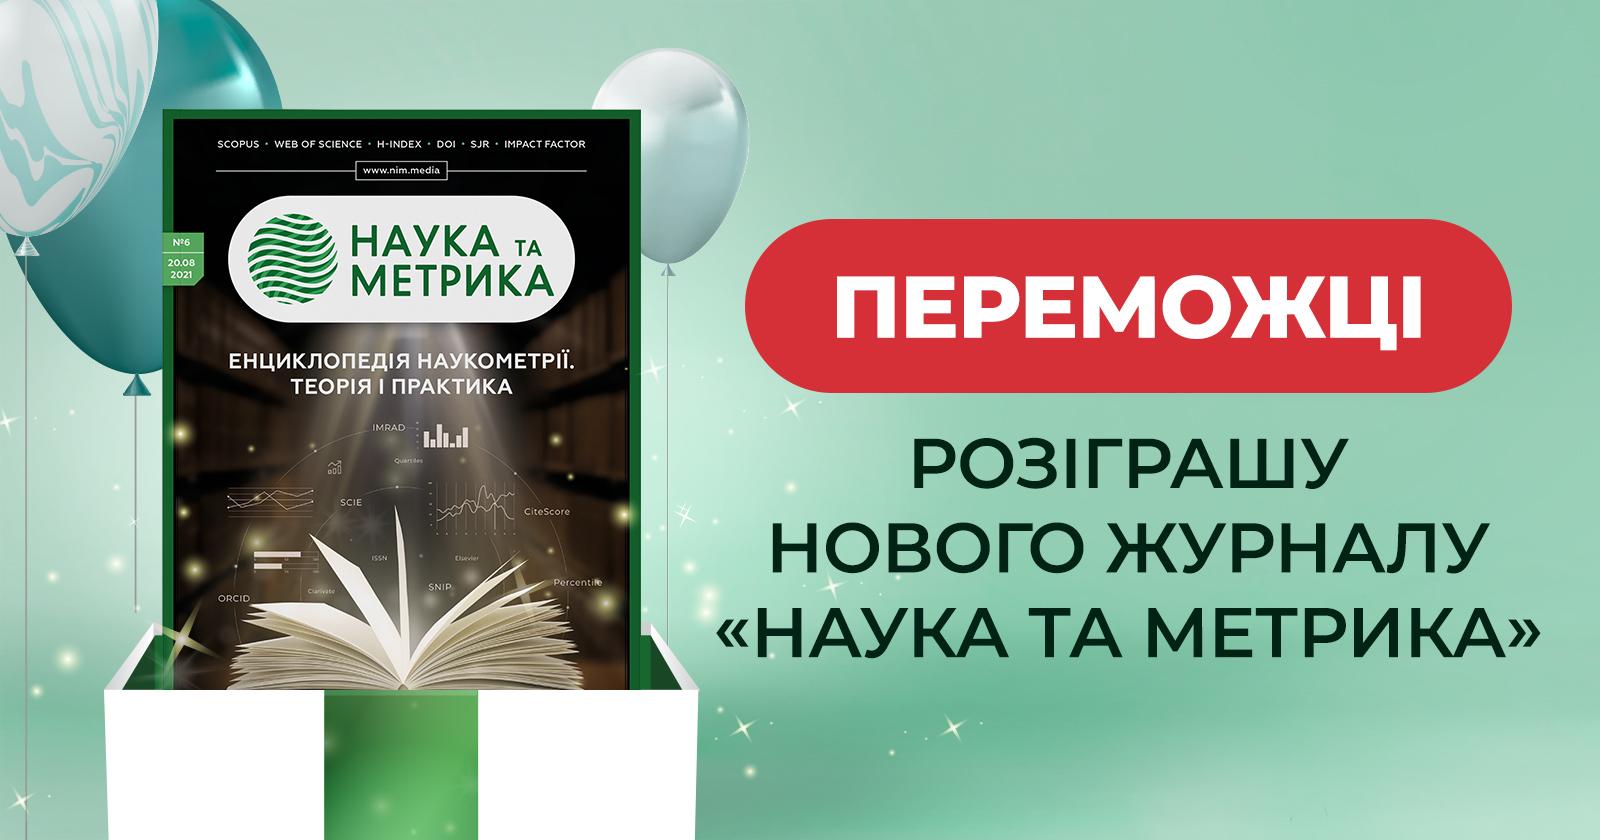 """Переможці розіграшу від видання """"Наука та метрика"""""""